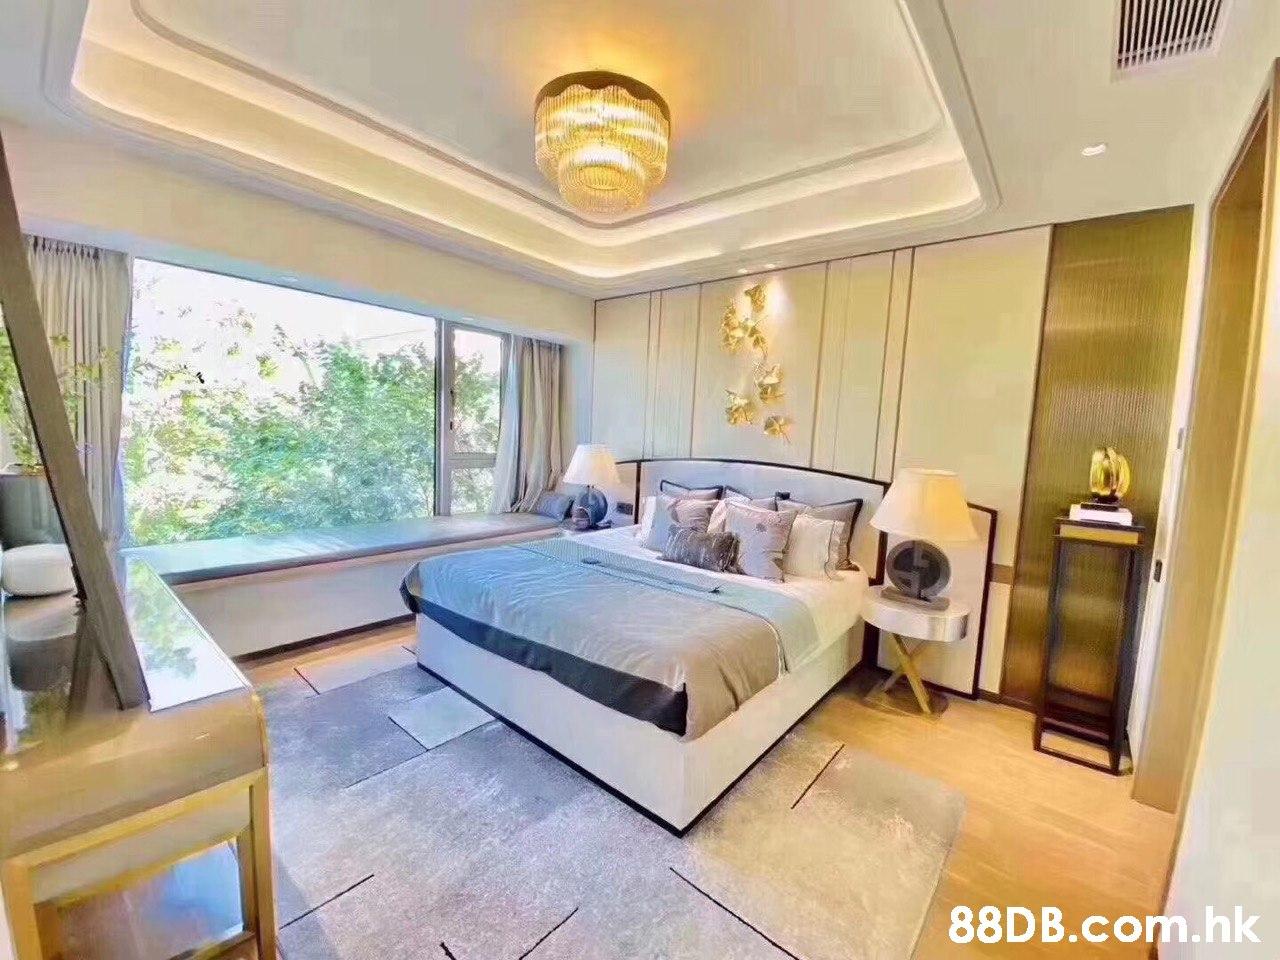 .hk  Bedroom,Property,Room,Furniture,Interior design